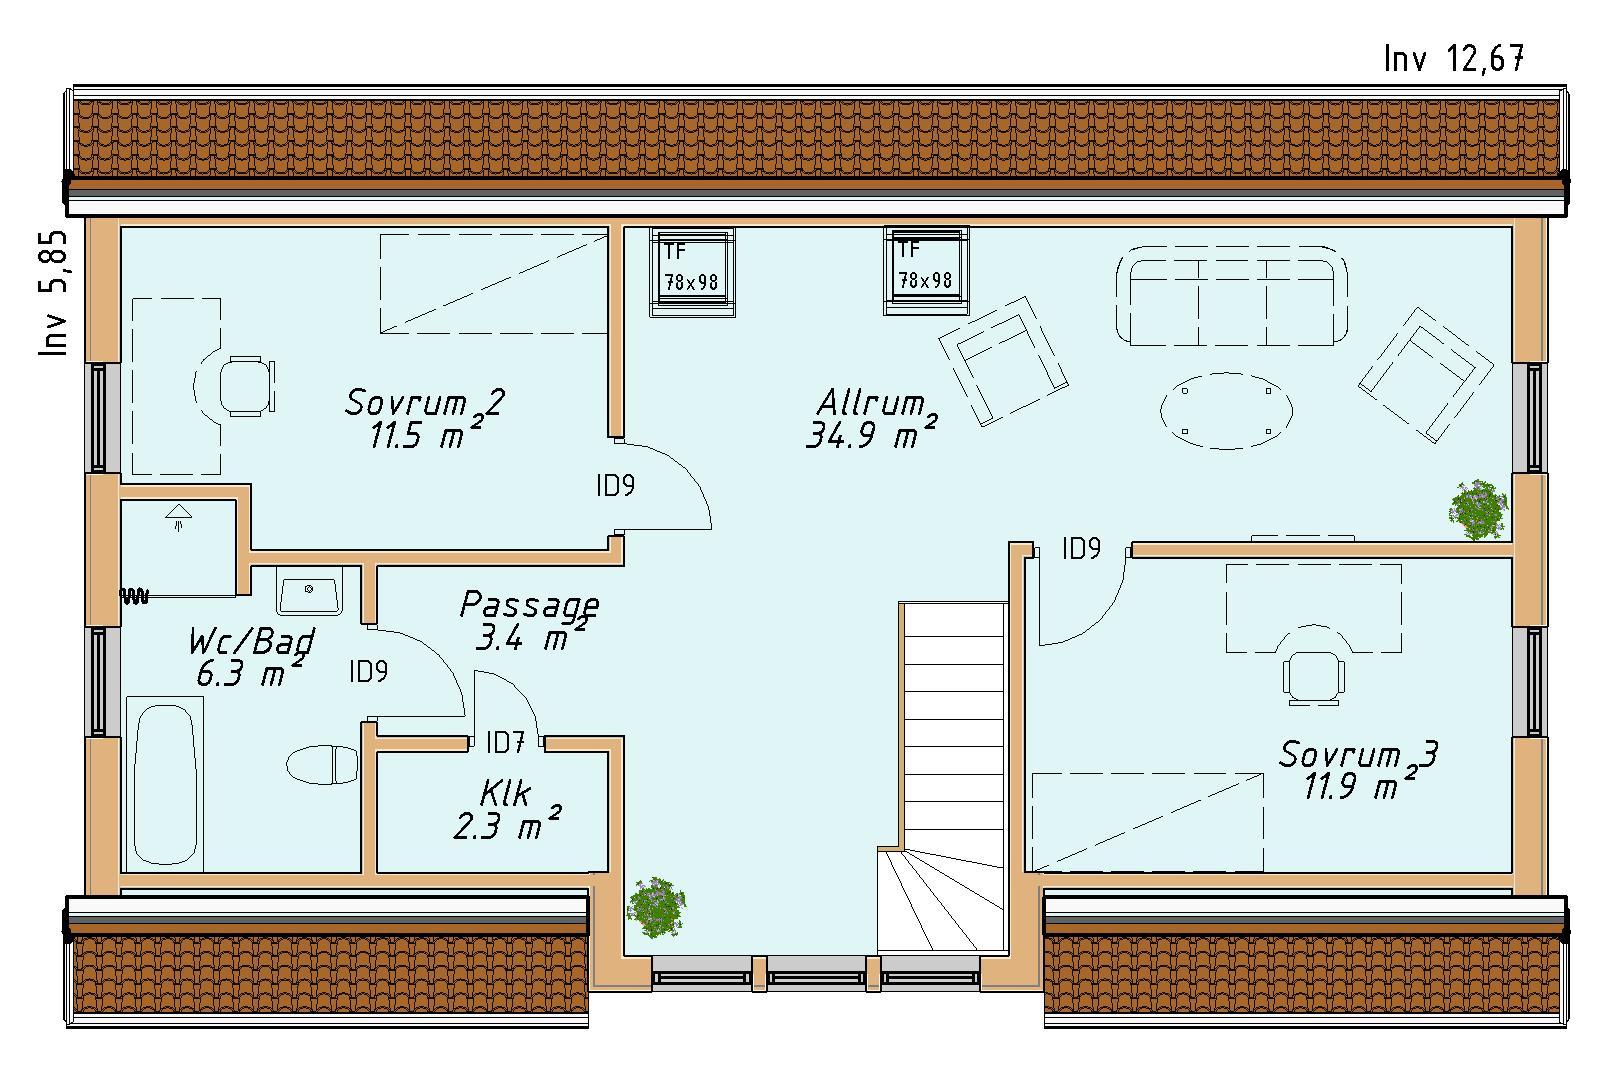 planlosningsbild 2 av MAGLARP